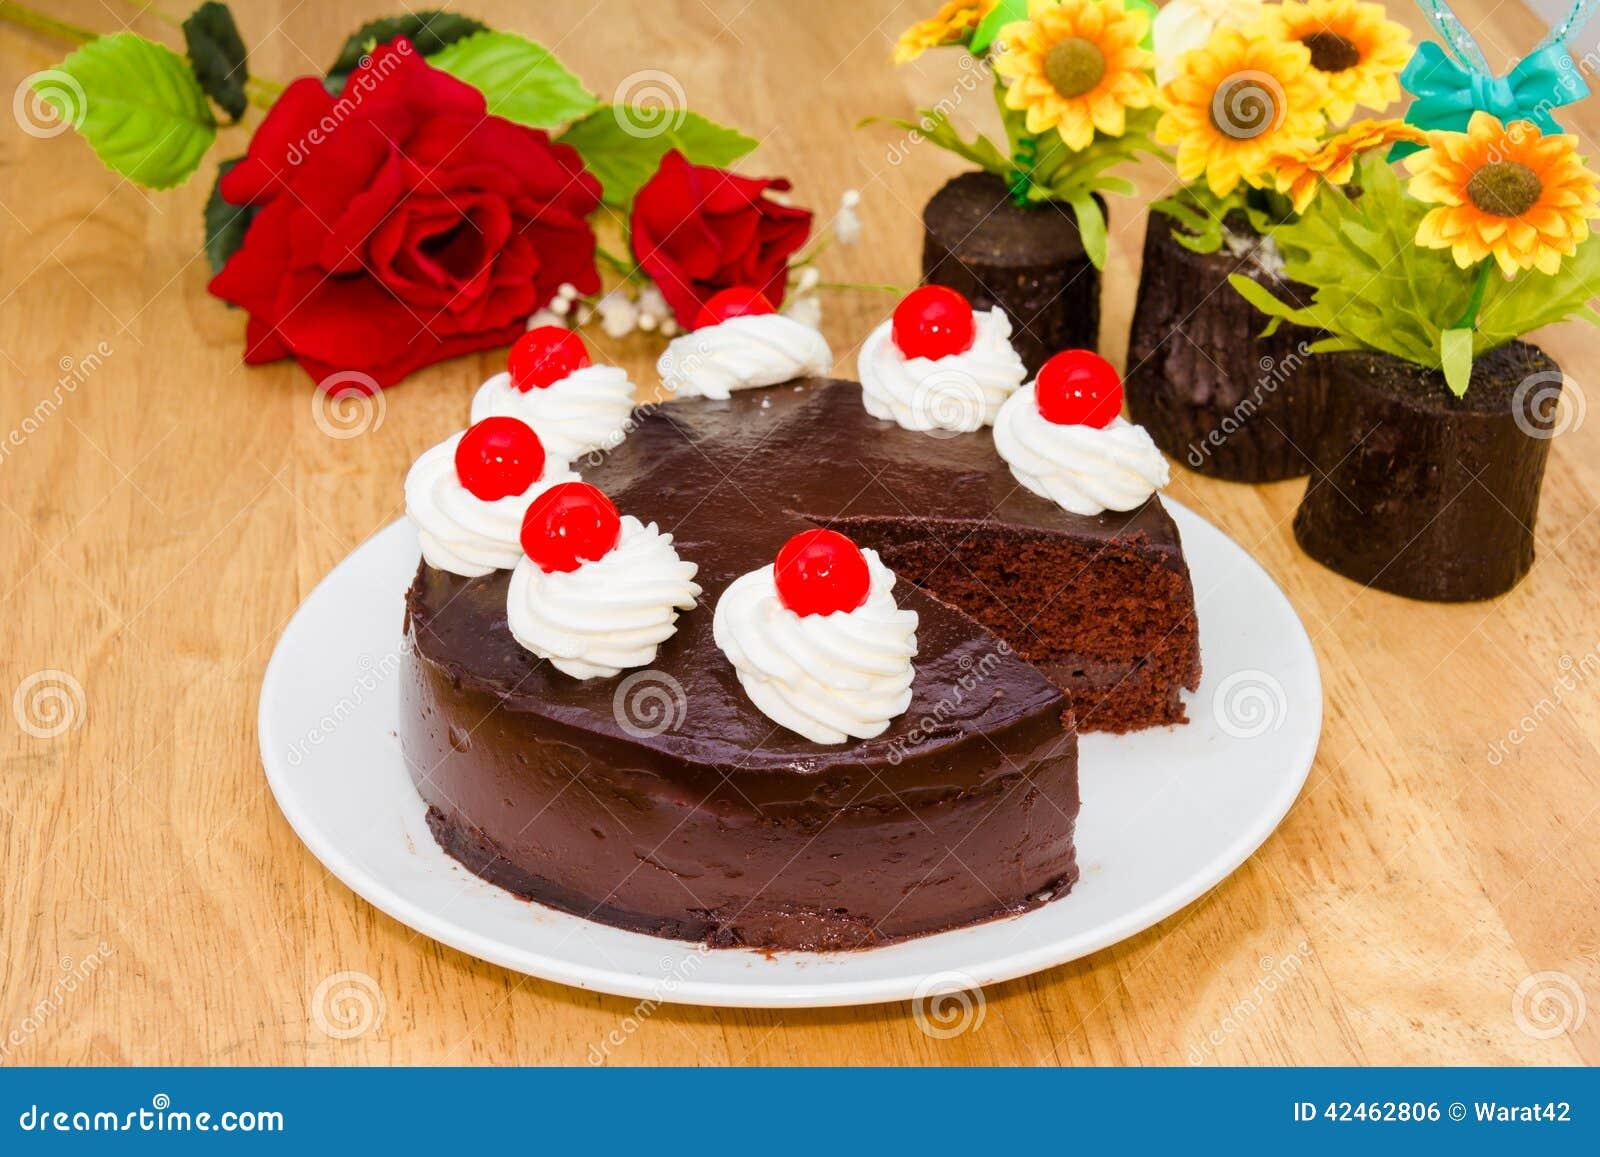 Schokoladenkuchen mit rotem Gelee